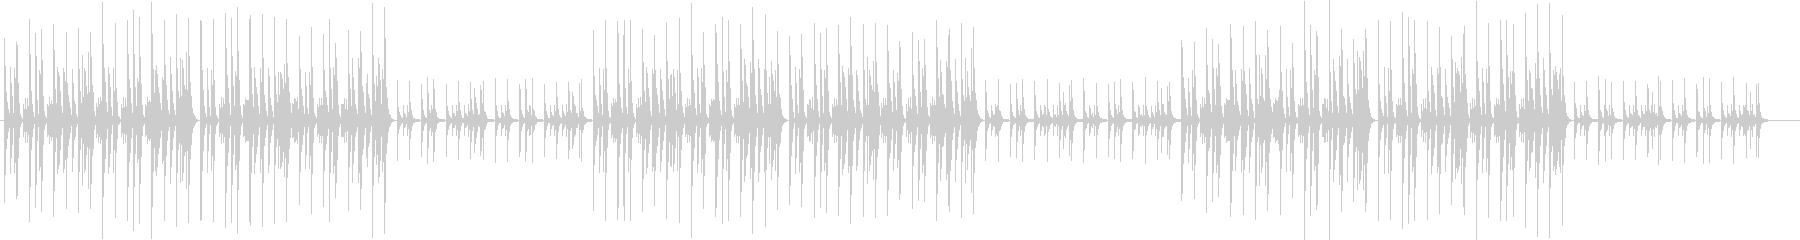 野球ゲーム応援歌 チープなチップチューンの未再生の波形